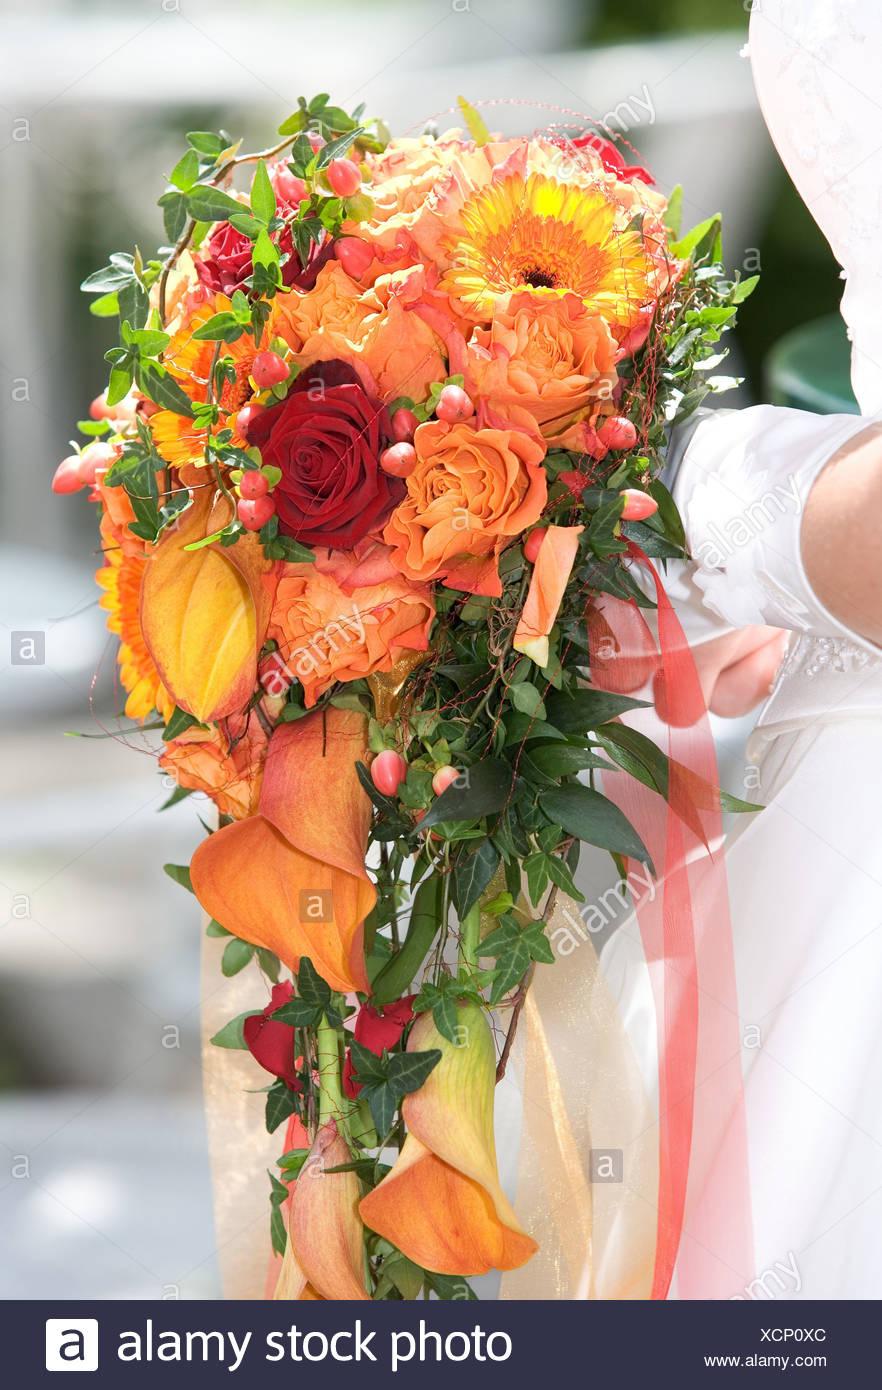 Sposa Dettaglio Mani Guanti Fiore Bouquet Holding